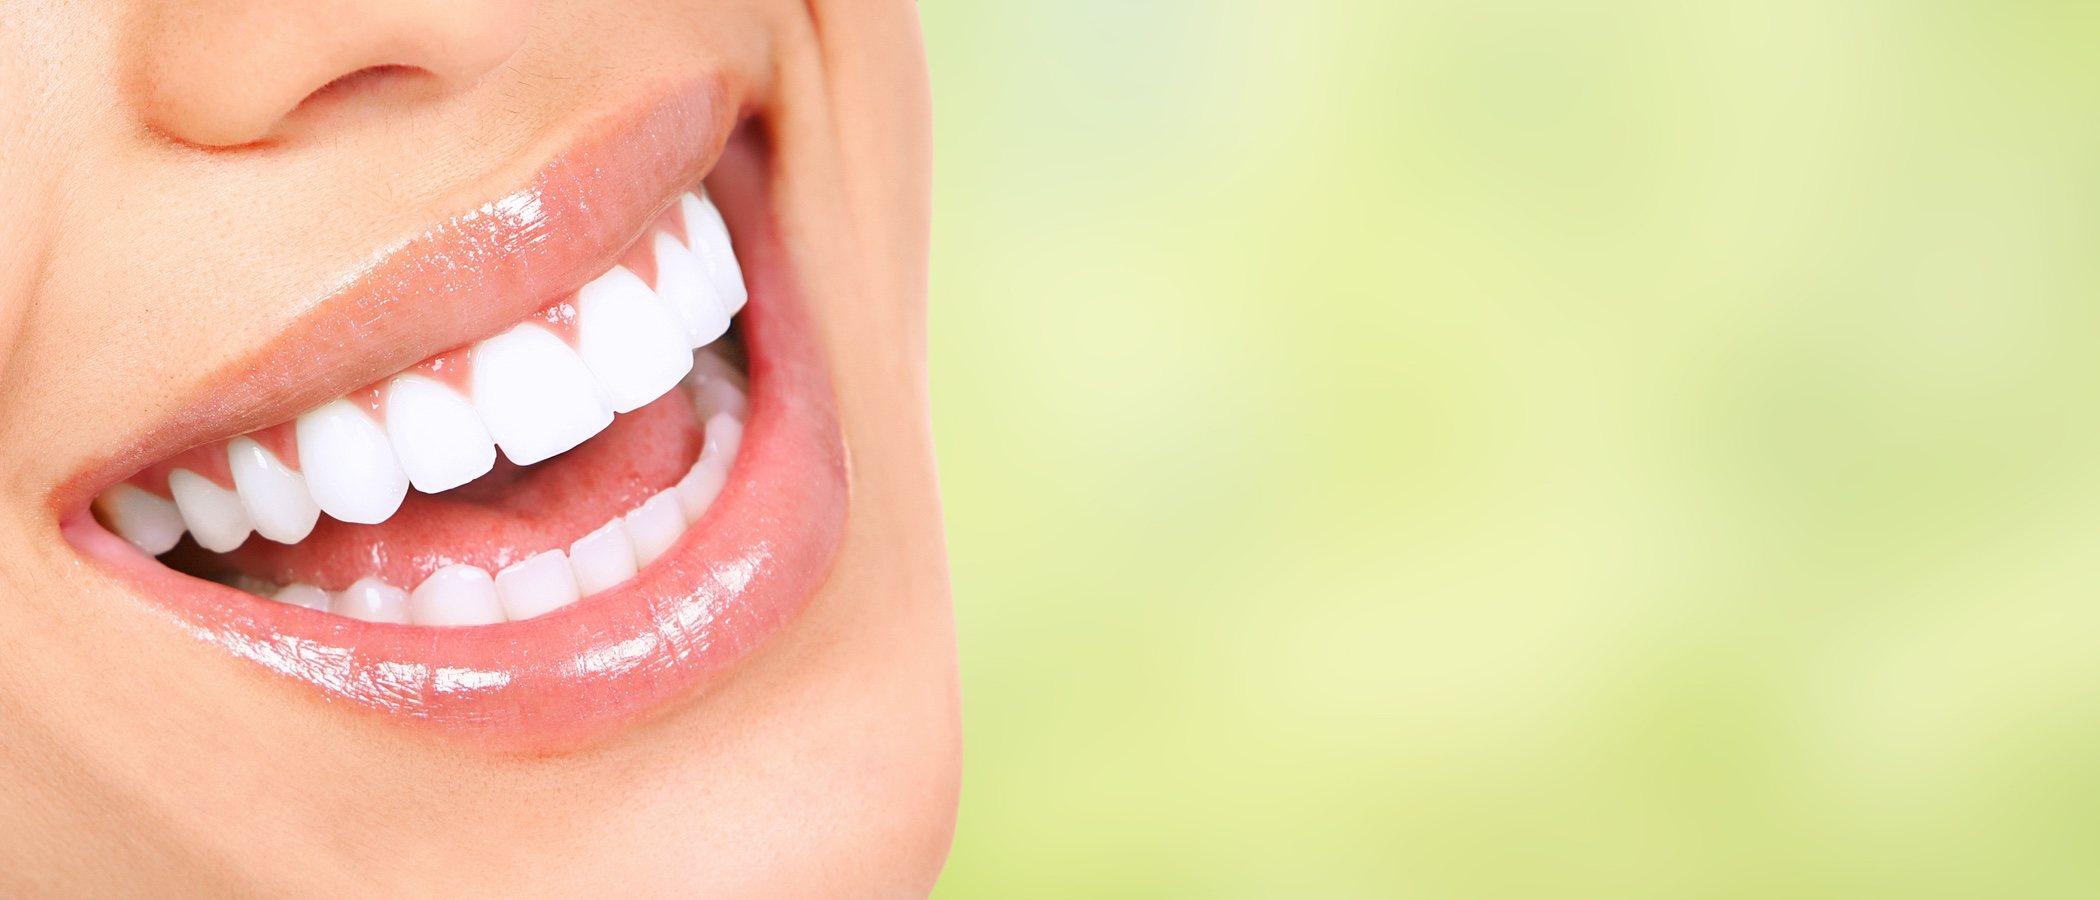 Alimentos que ayudan a tener los dientes más blancos